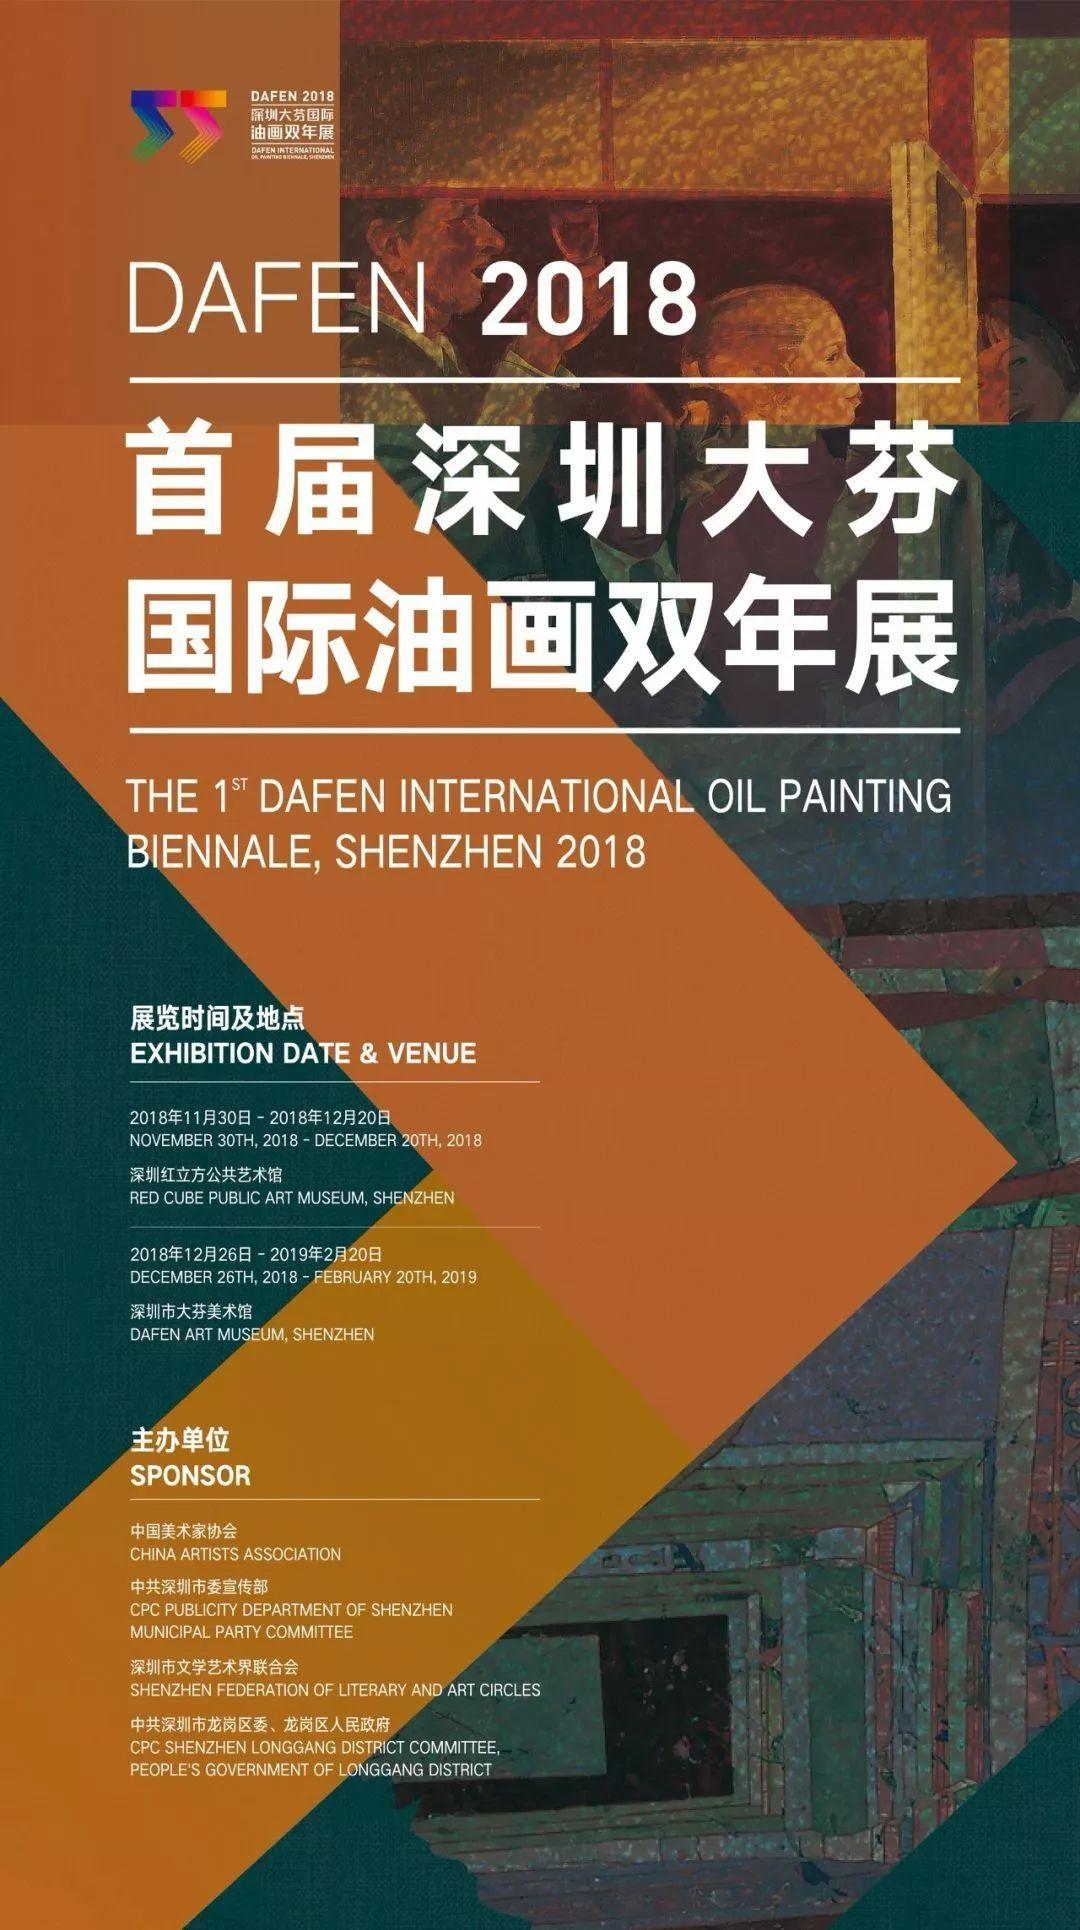 2018 首届深圳大芬国际油画双年展图片